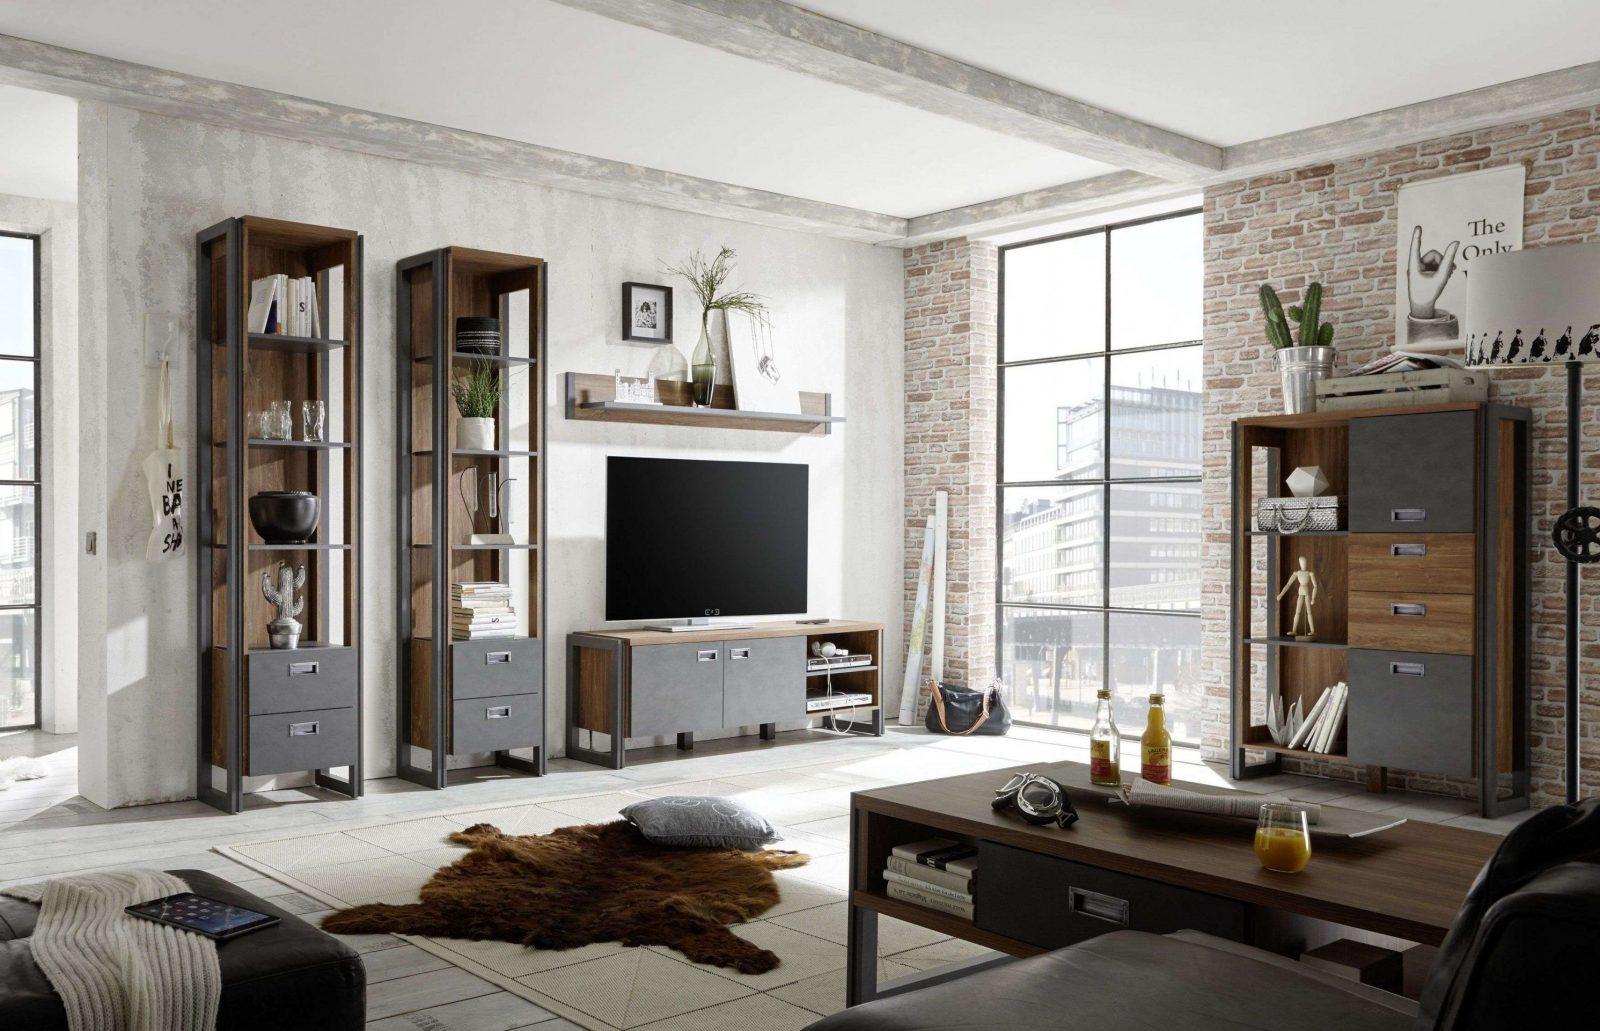 33 Luxus Wohnzimmer Wände Neu Gestalten Foto  Dekor Für Bed Garten von Wohnzimmer Wände Neu Gestalten Bild